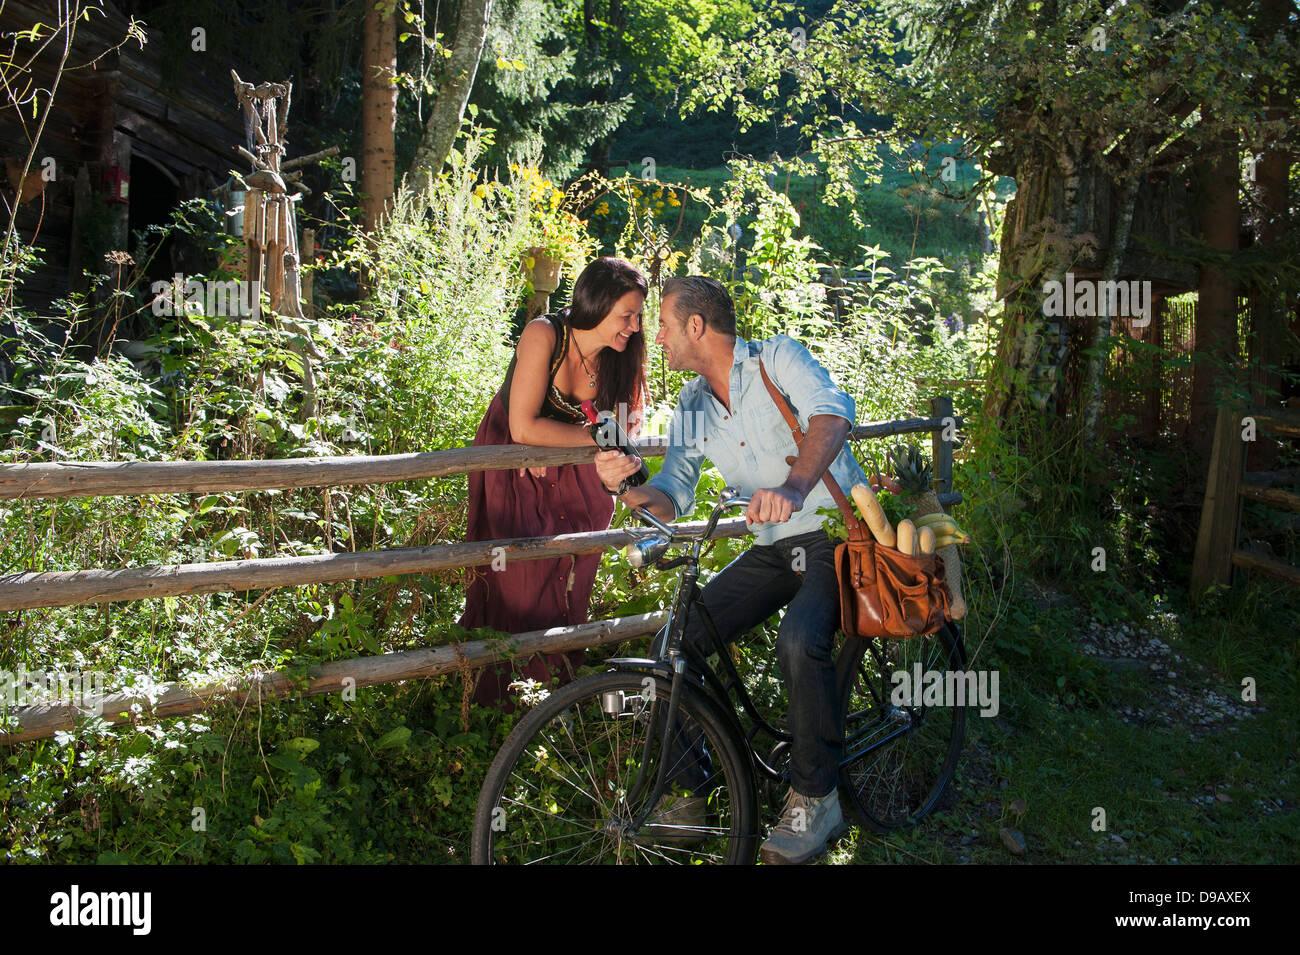 Austria Mature Couple Conversing In Stock Photos Austria Mature